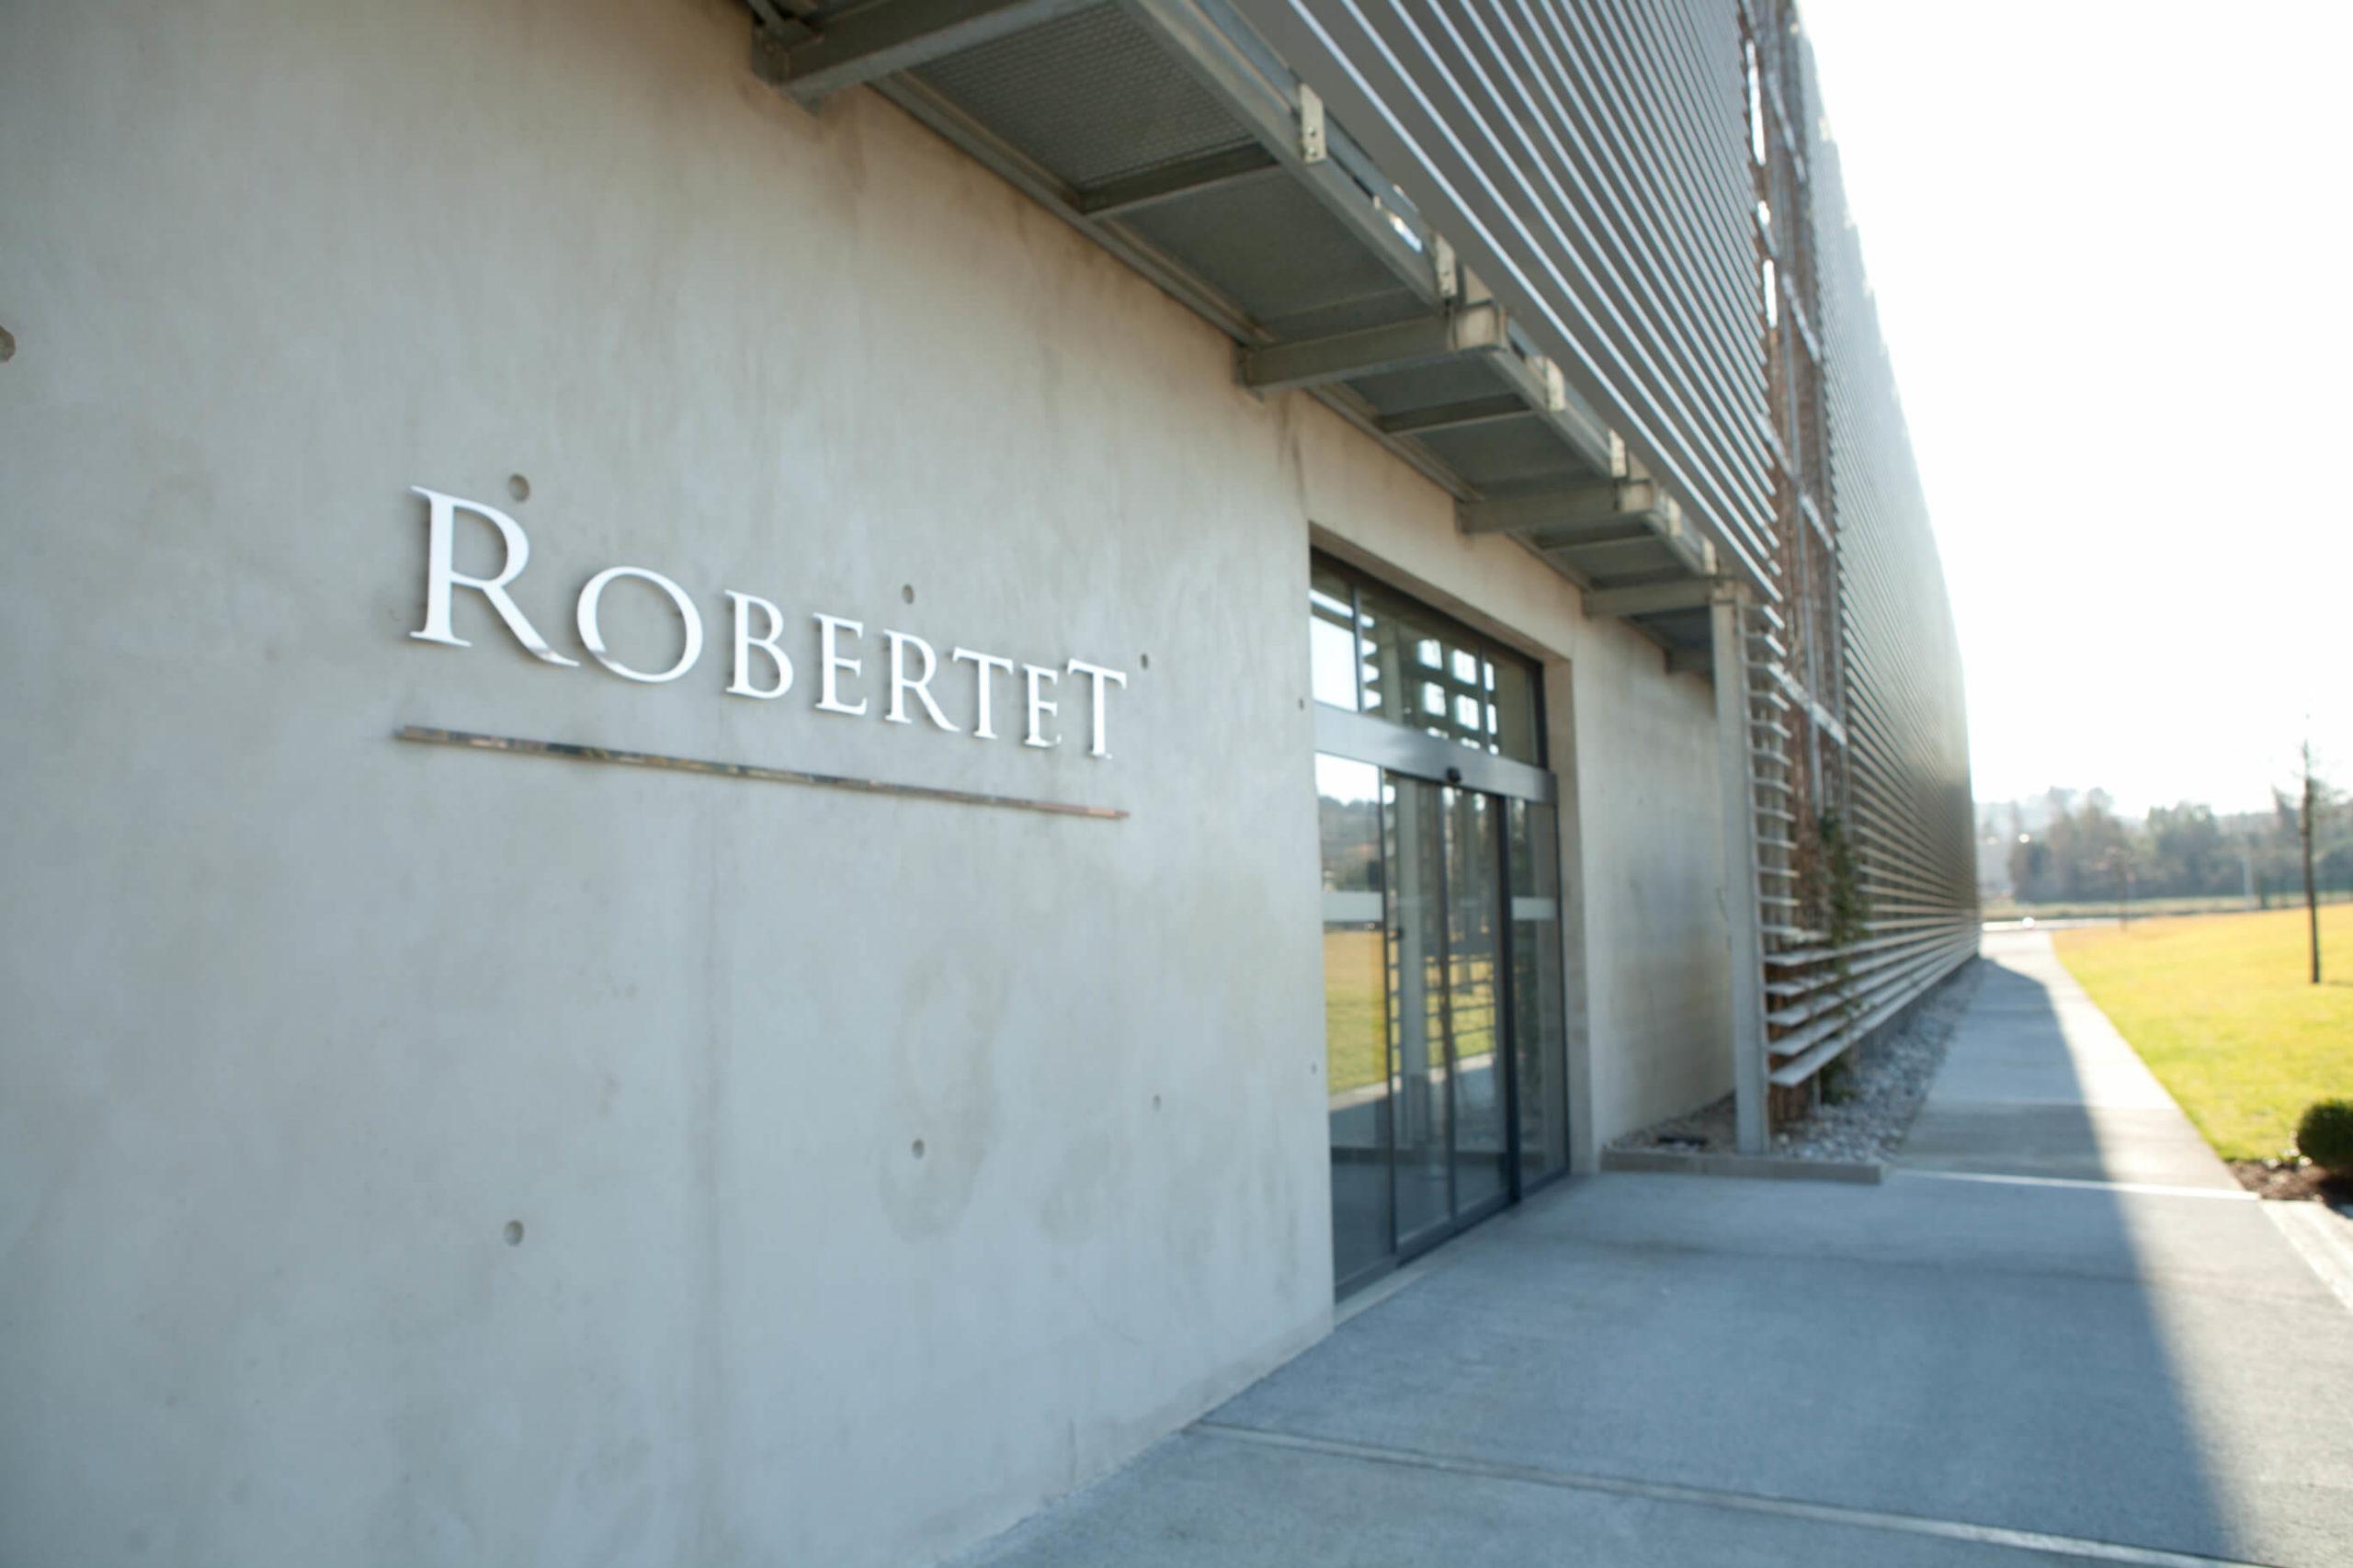 robertet_siege